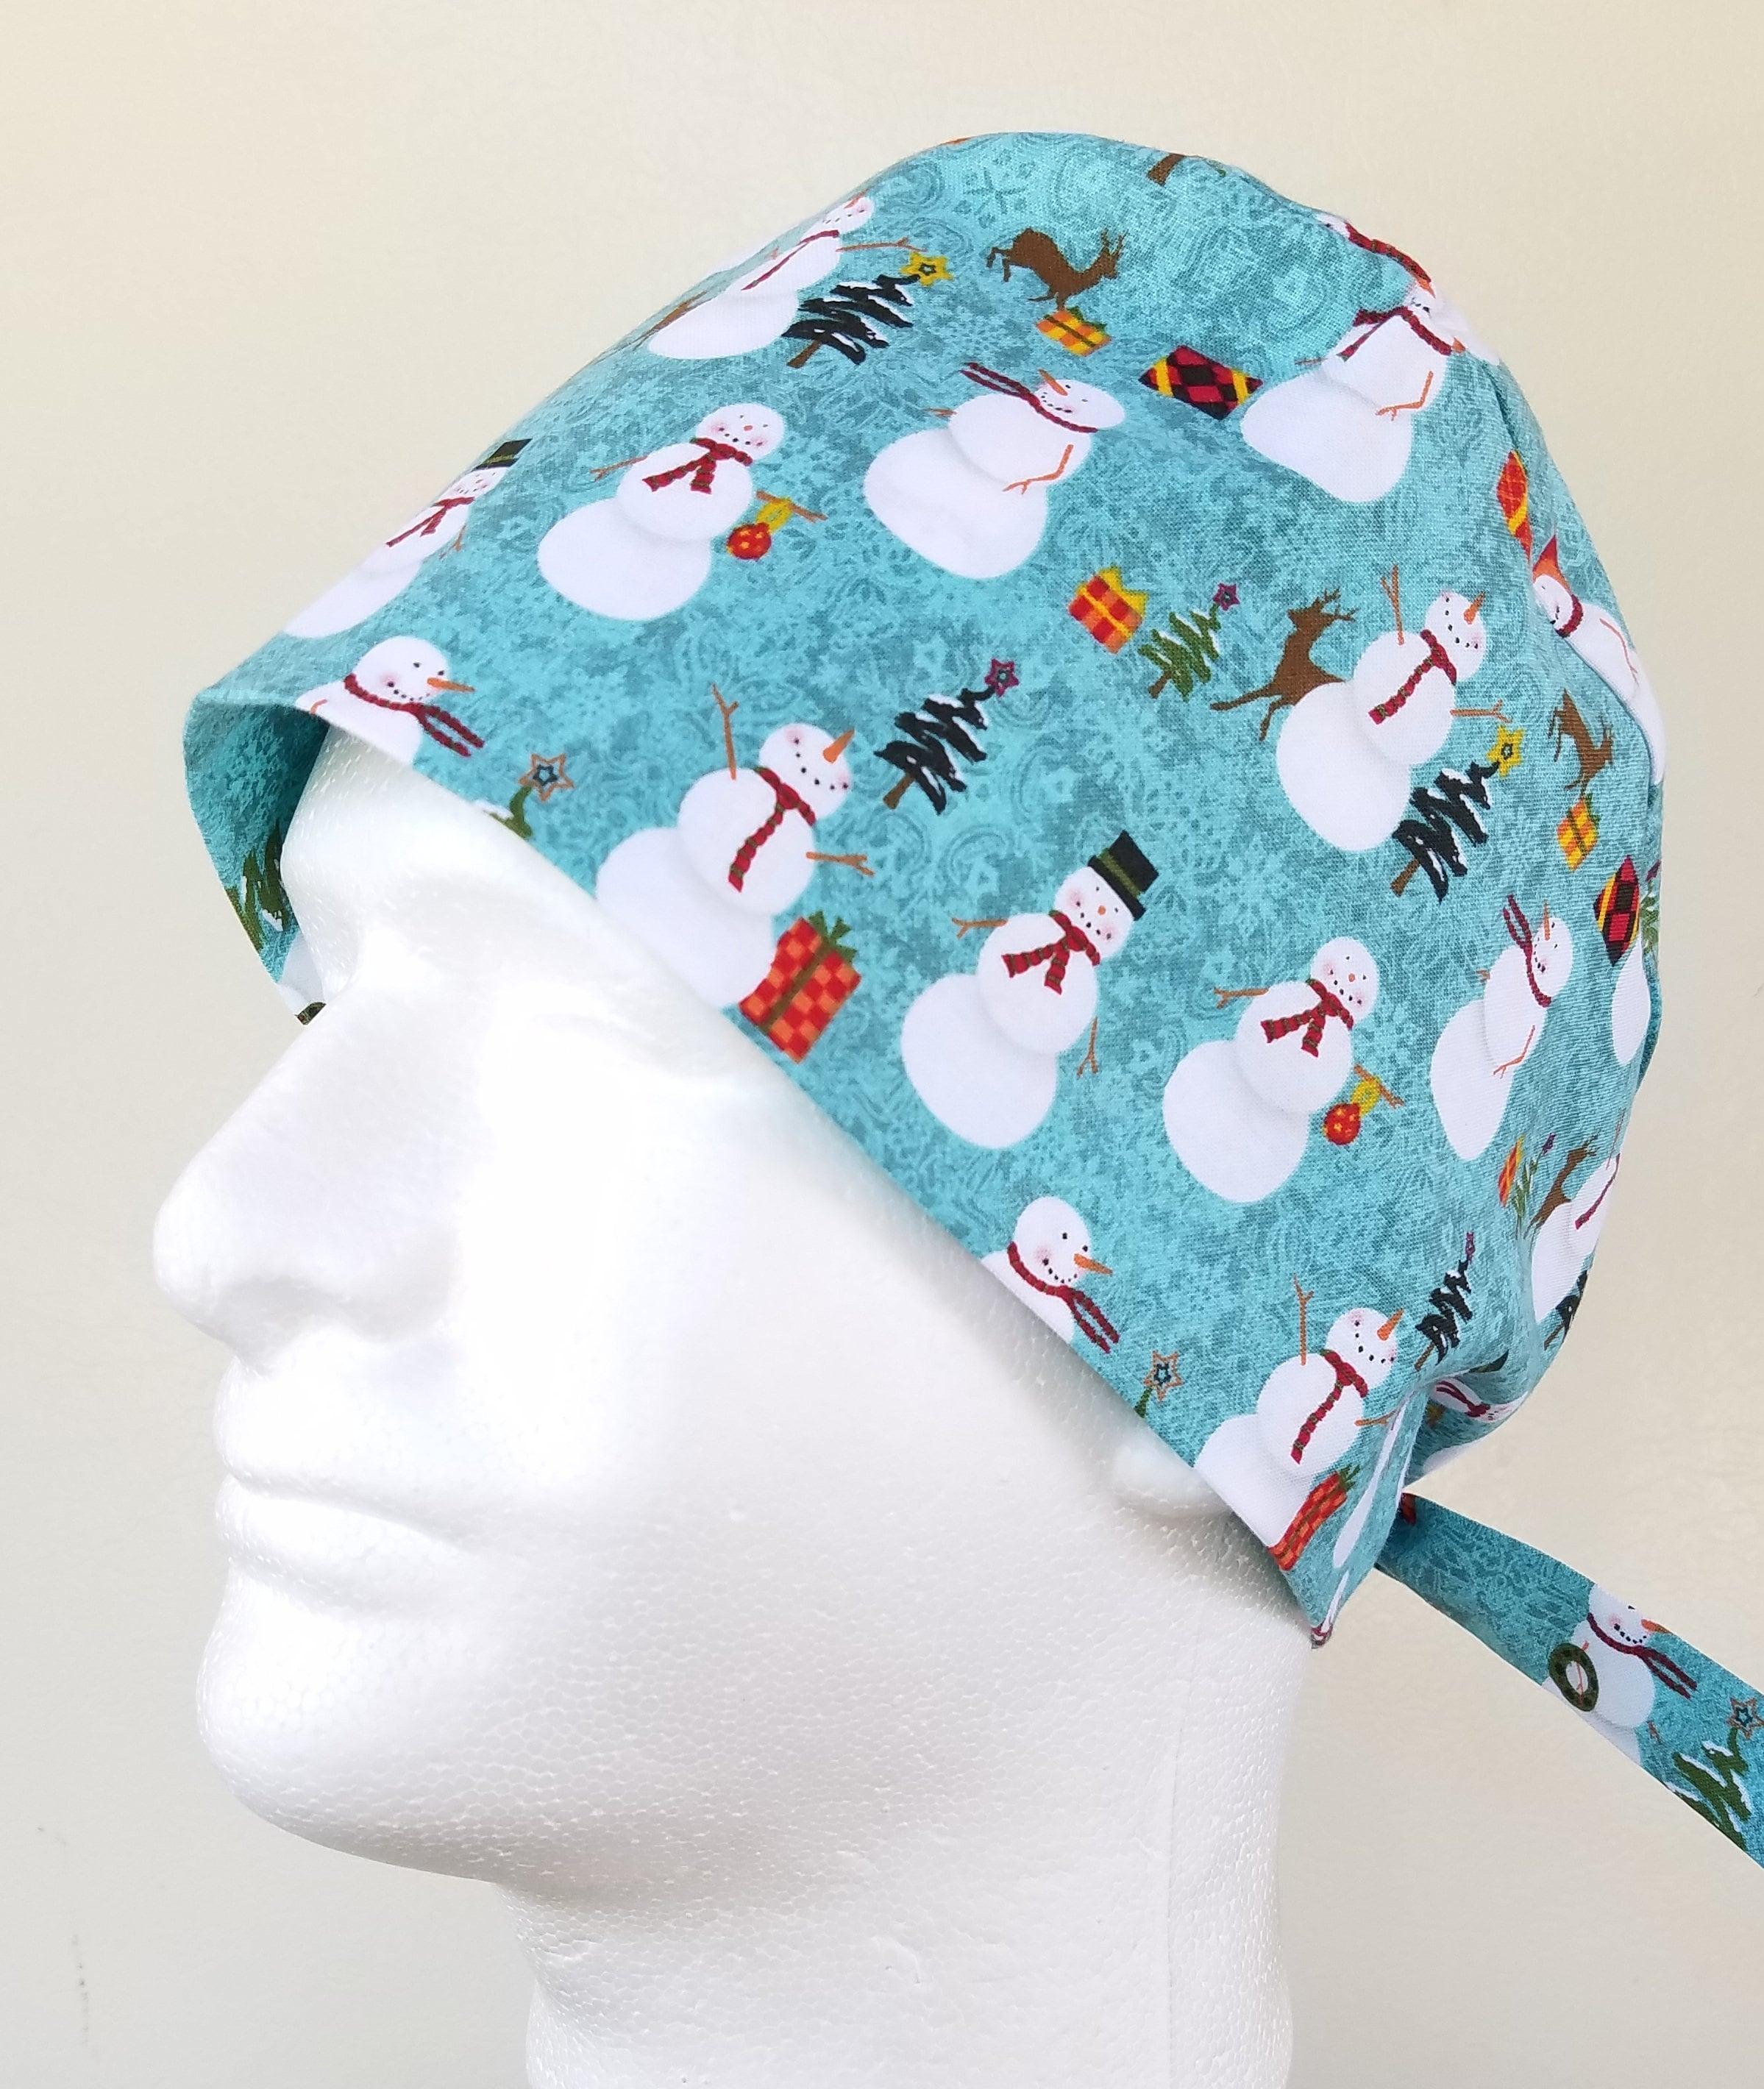 76c68f2bdd3f7 ... surgical scrub hat. gallery photo ...